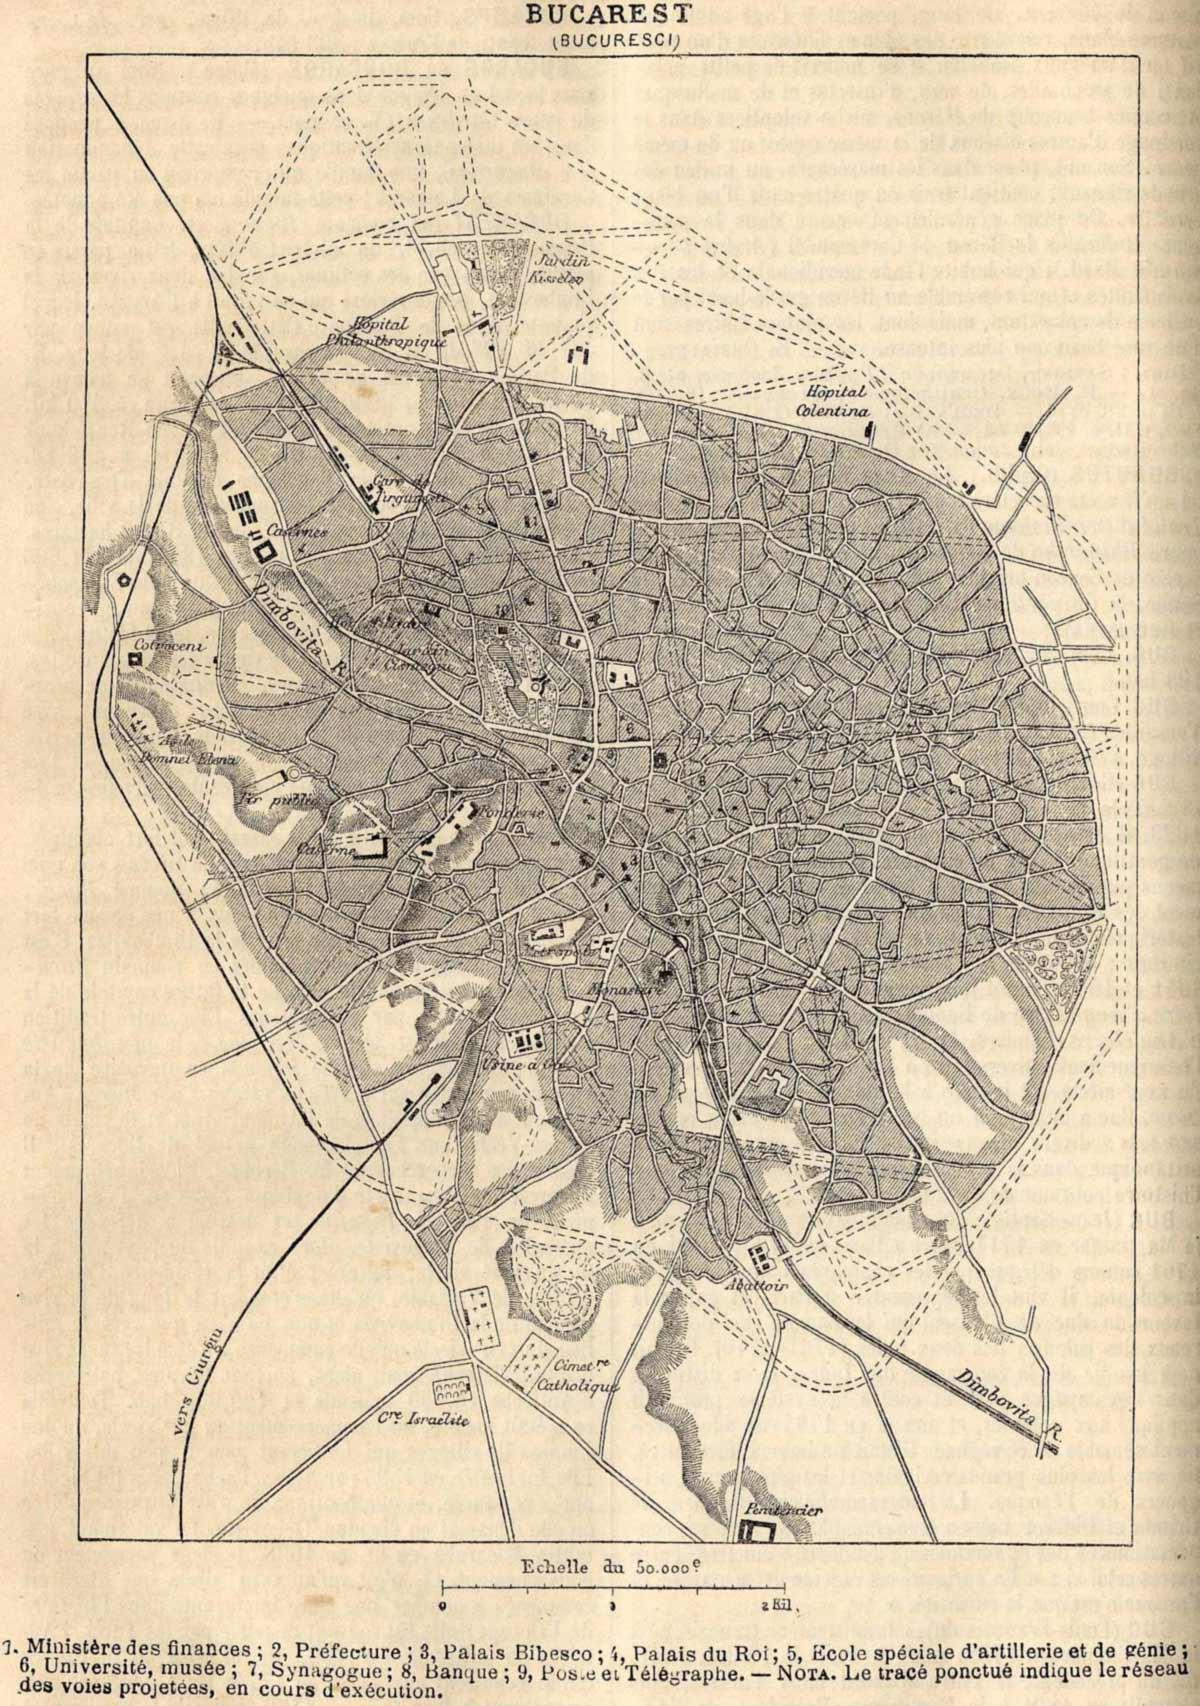 Bucuresti 1886 large map